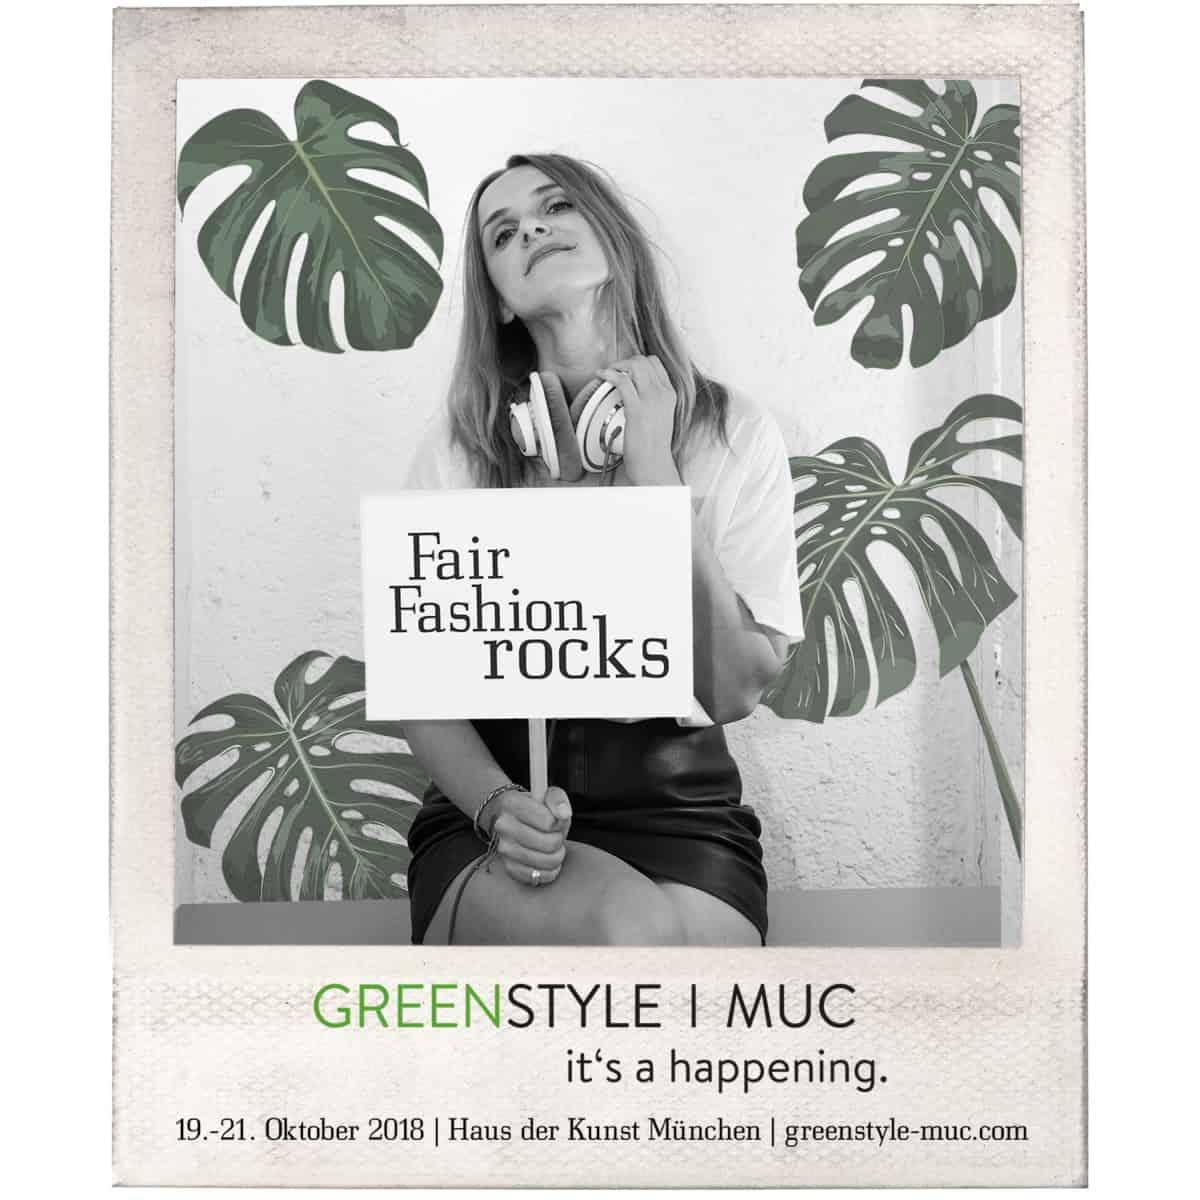 Bald findet ein Festival für Fair Fashion statt – und jeder kann hin!